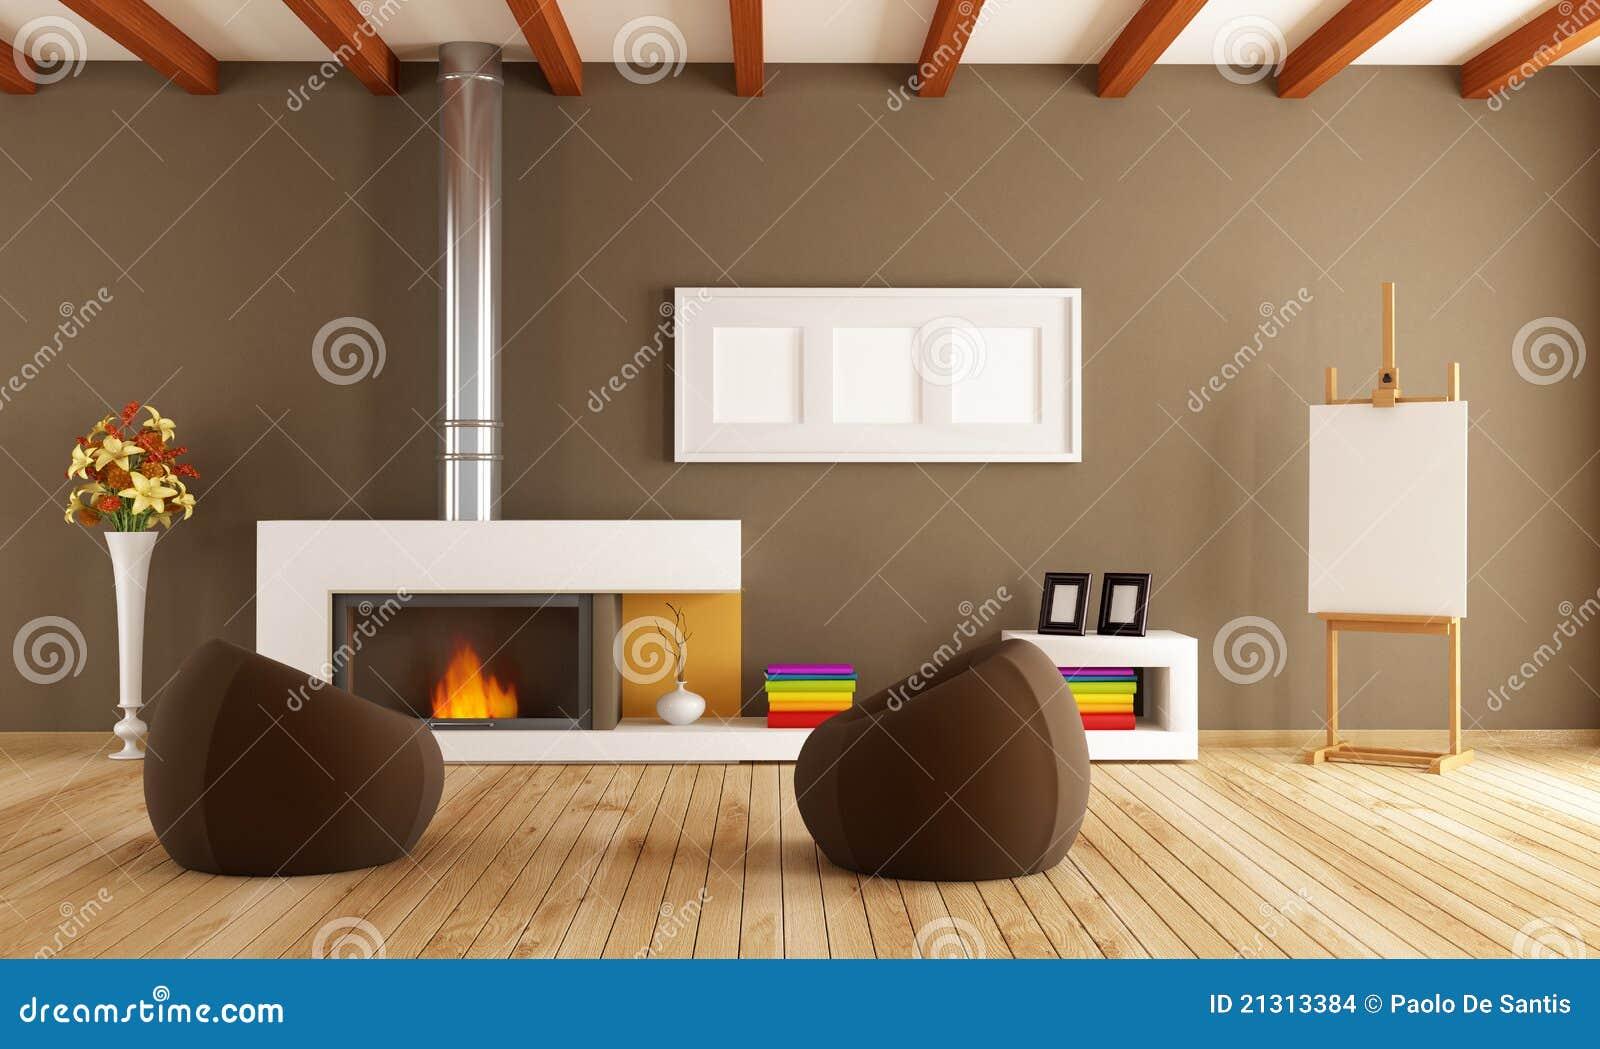 wohnzimmer mit kamin | jtleigh.com - hausgestaltung ideen